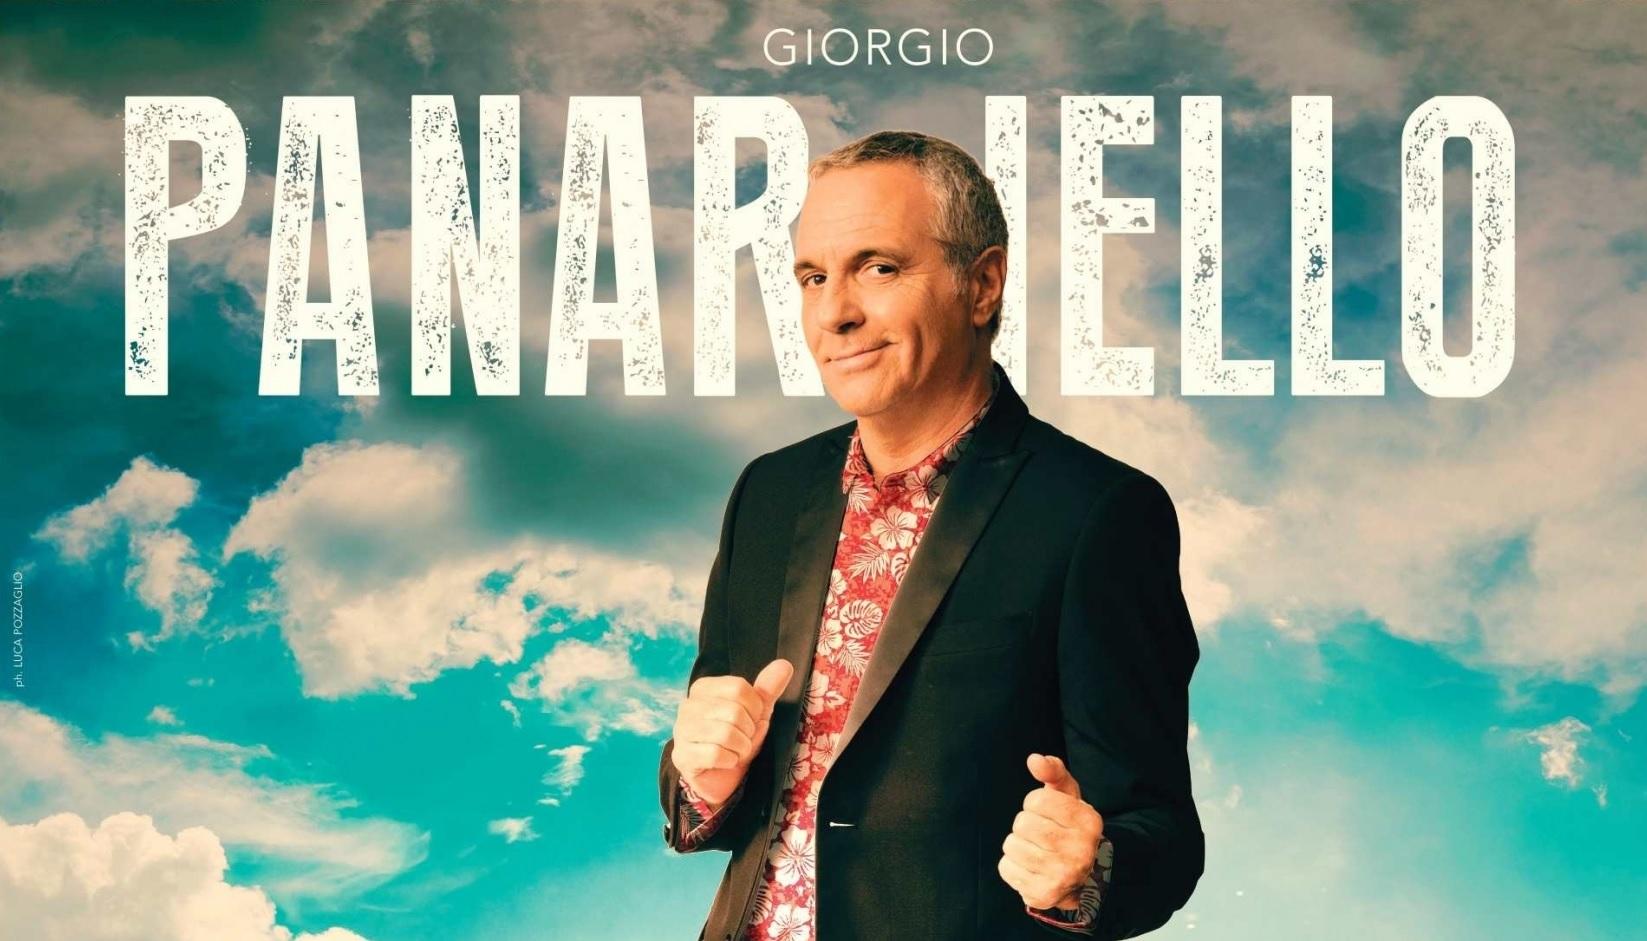 Giorgio Panariello a San Severino Marche, spettacolo l'1 agosto